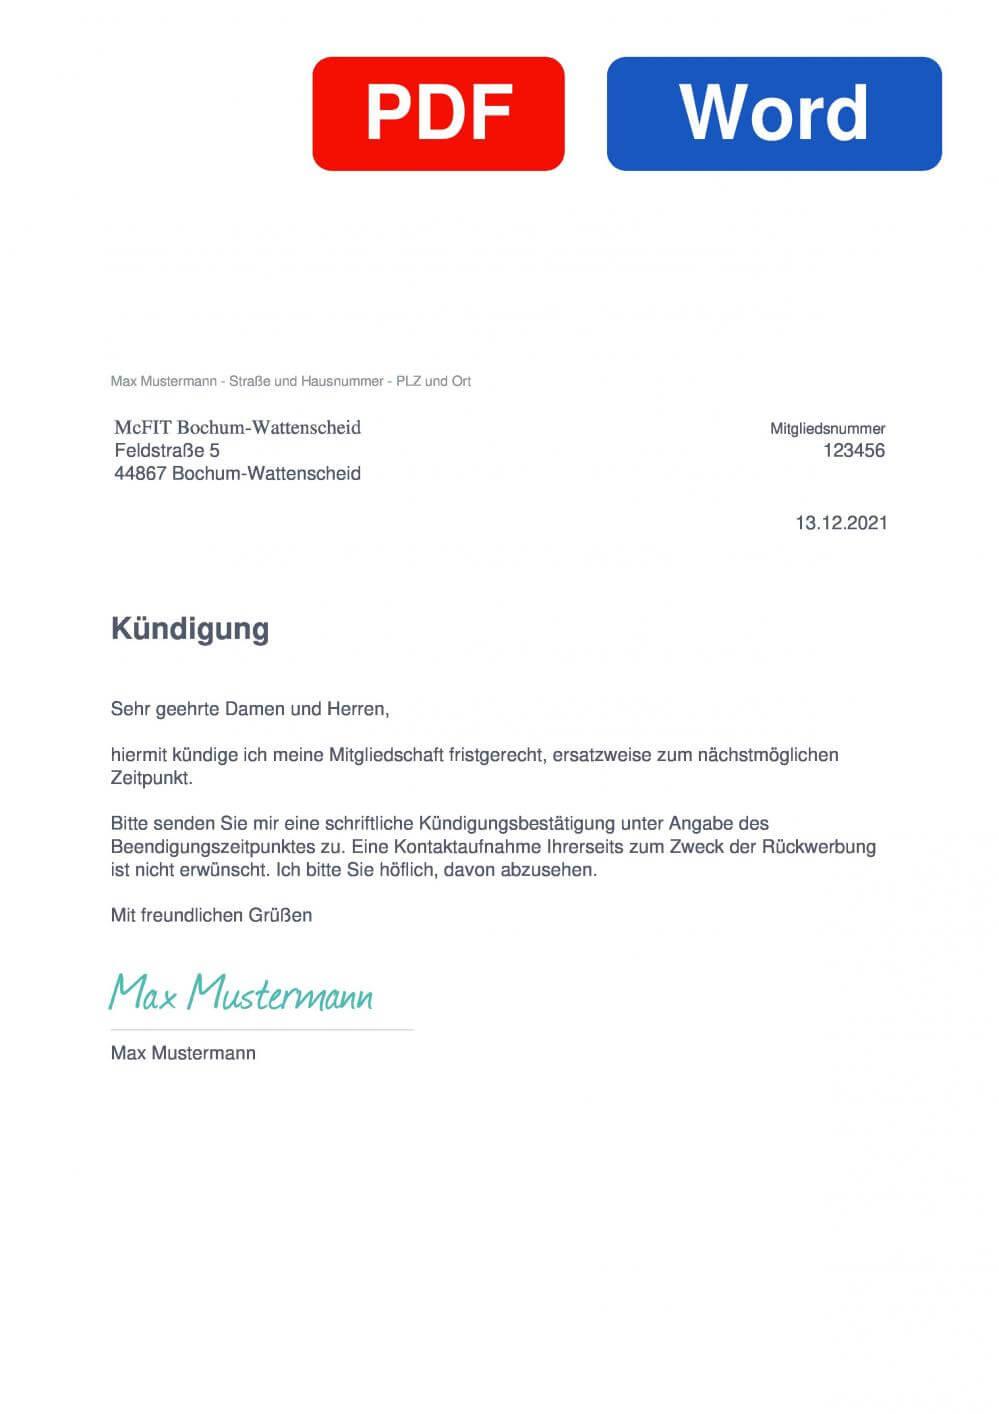 McFIT Bochum-Wattenscheid Muster Vorlage für Kündigungsschreiben